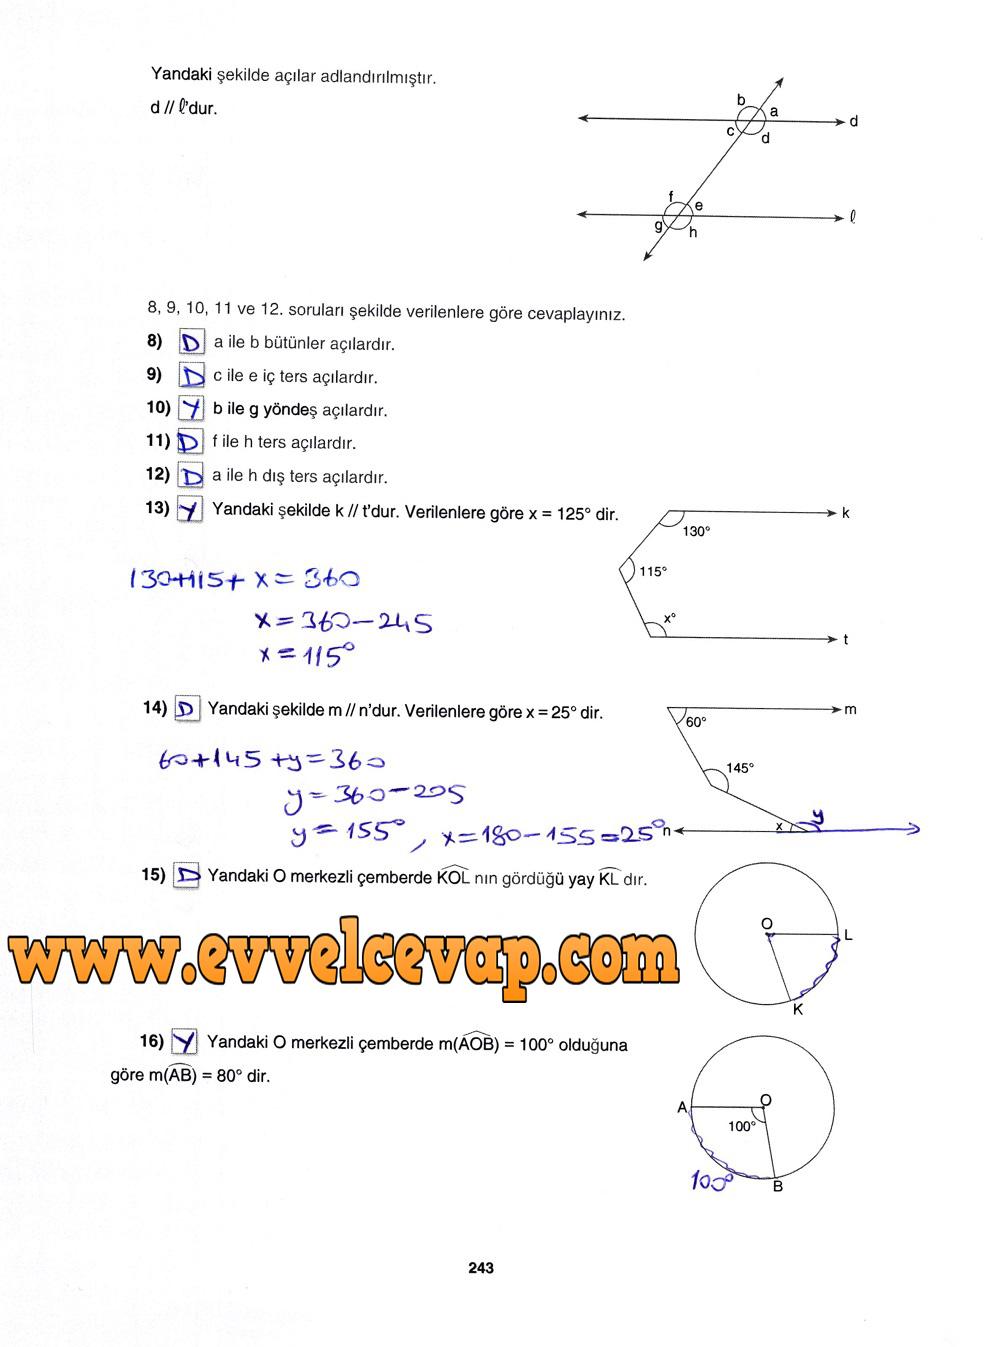 7. Sınıf Gizem Yayınları Matematik Ders Kitabı 243. Sayfa Cevapları 4.Ünite Değerlendirme Çalışmaları